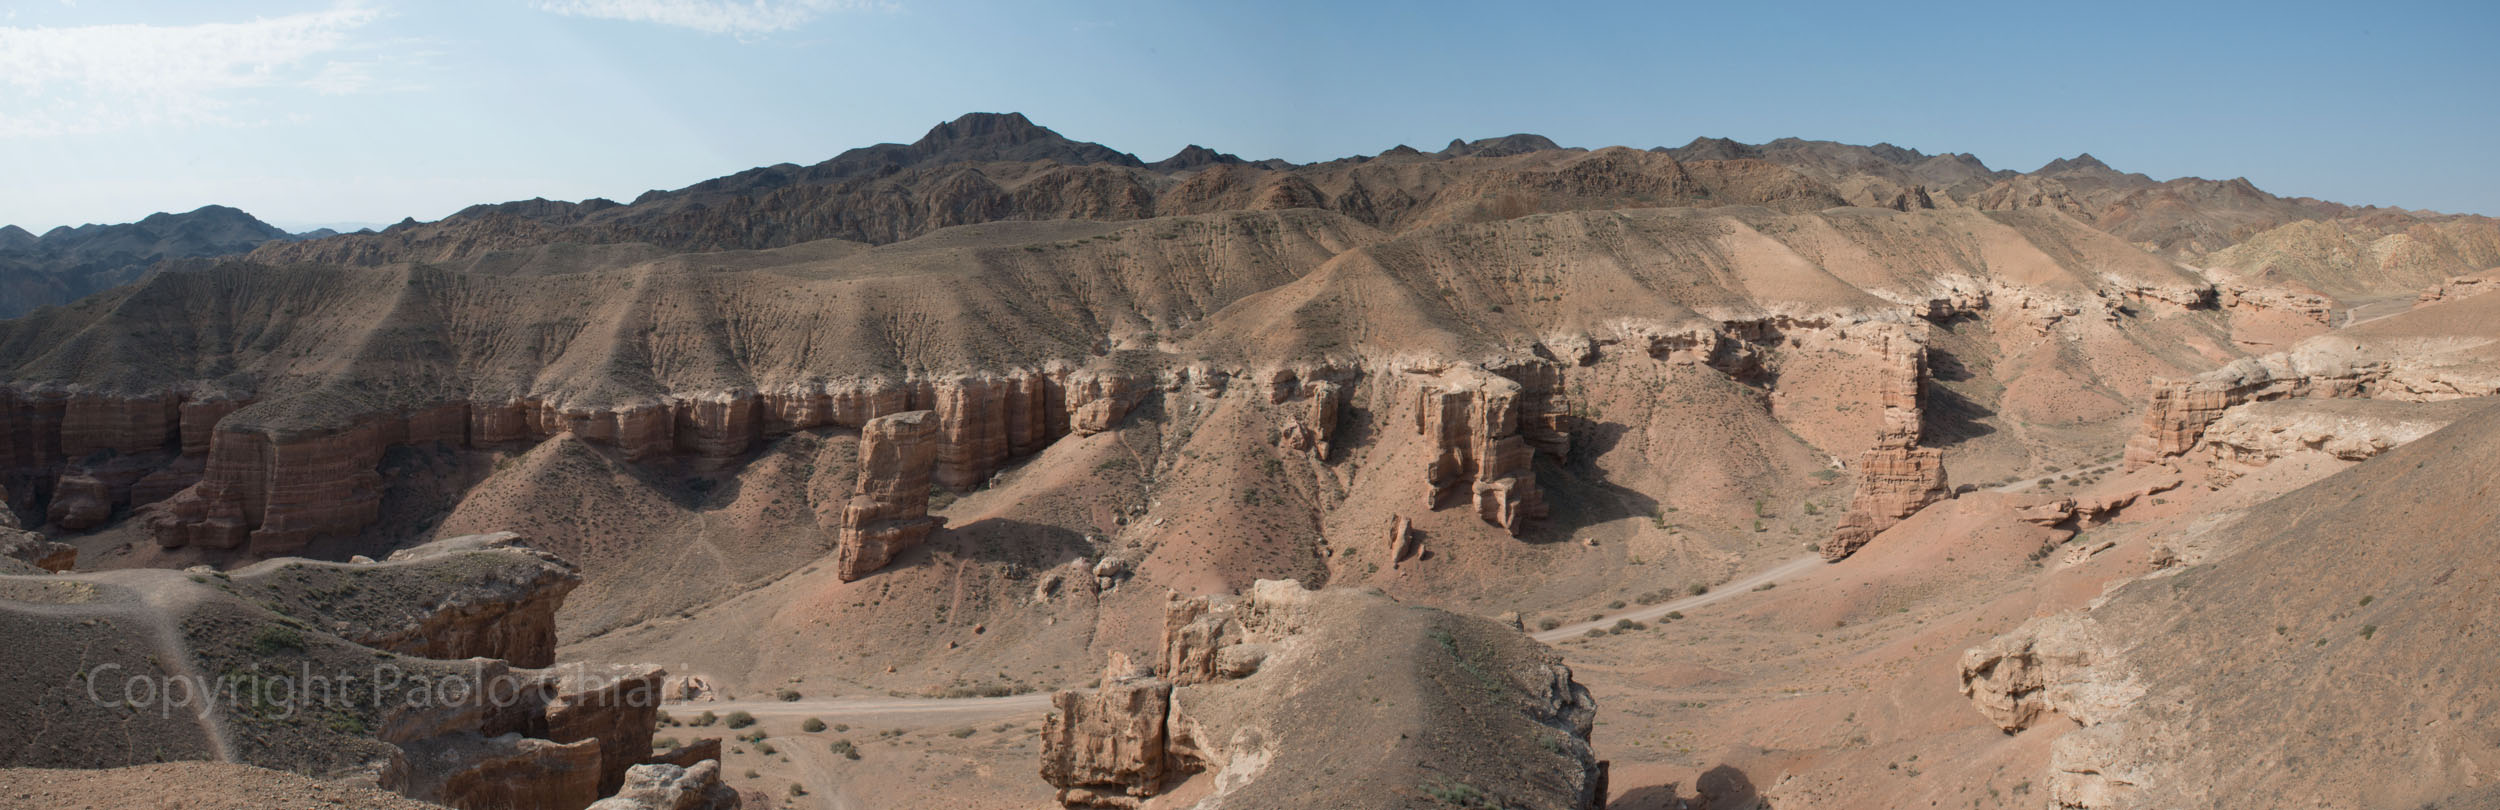 Panoramica_Canyon4